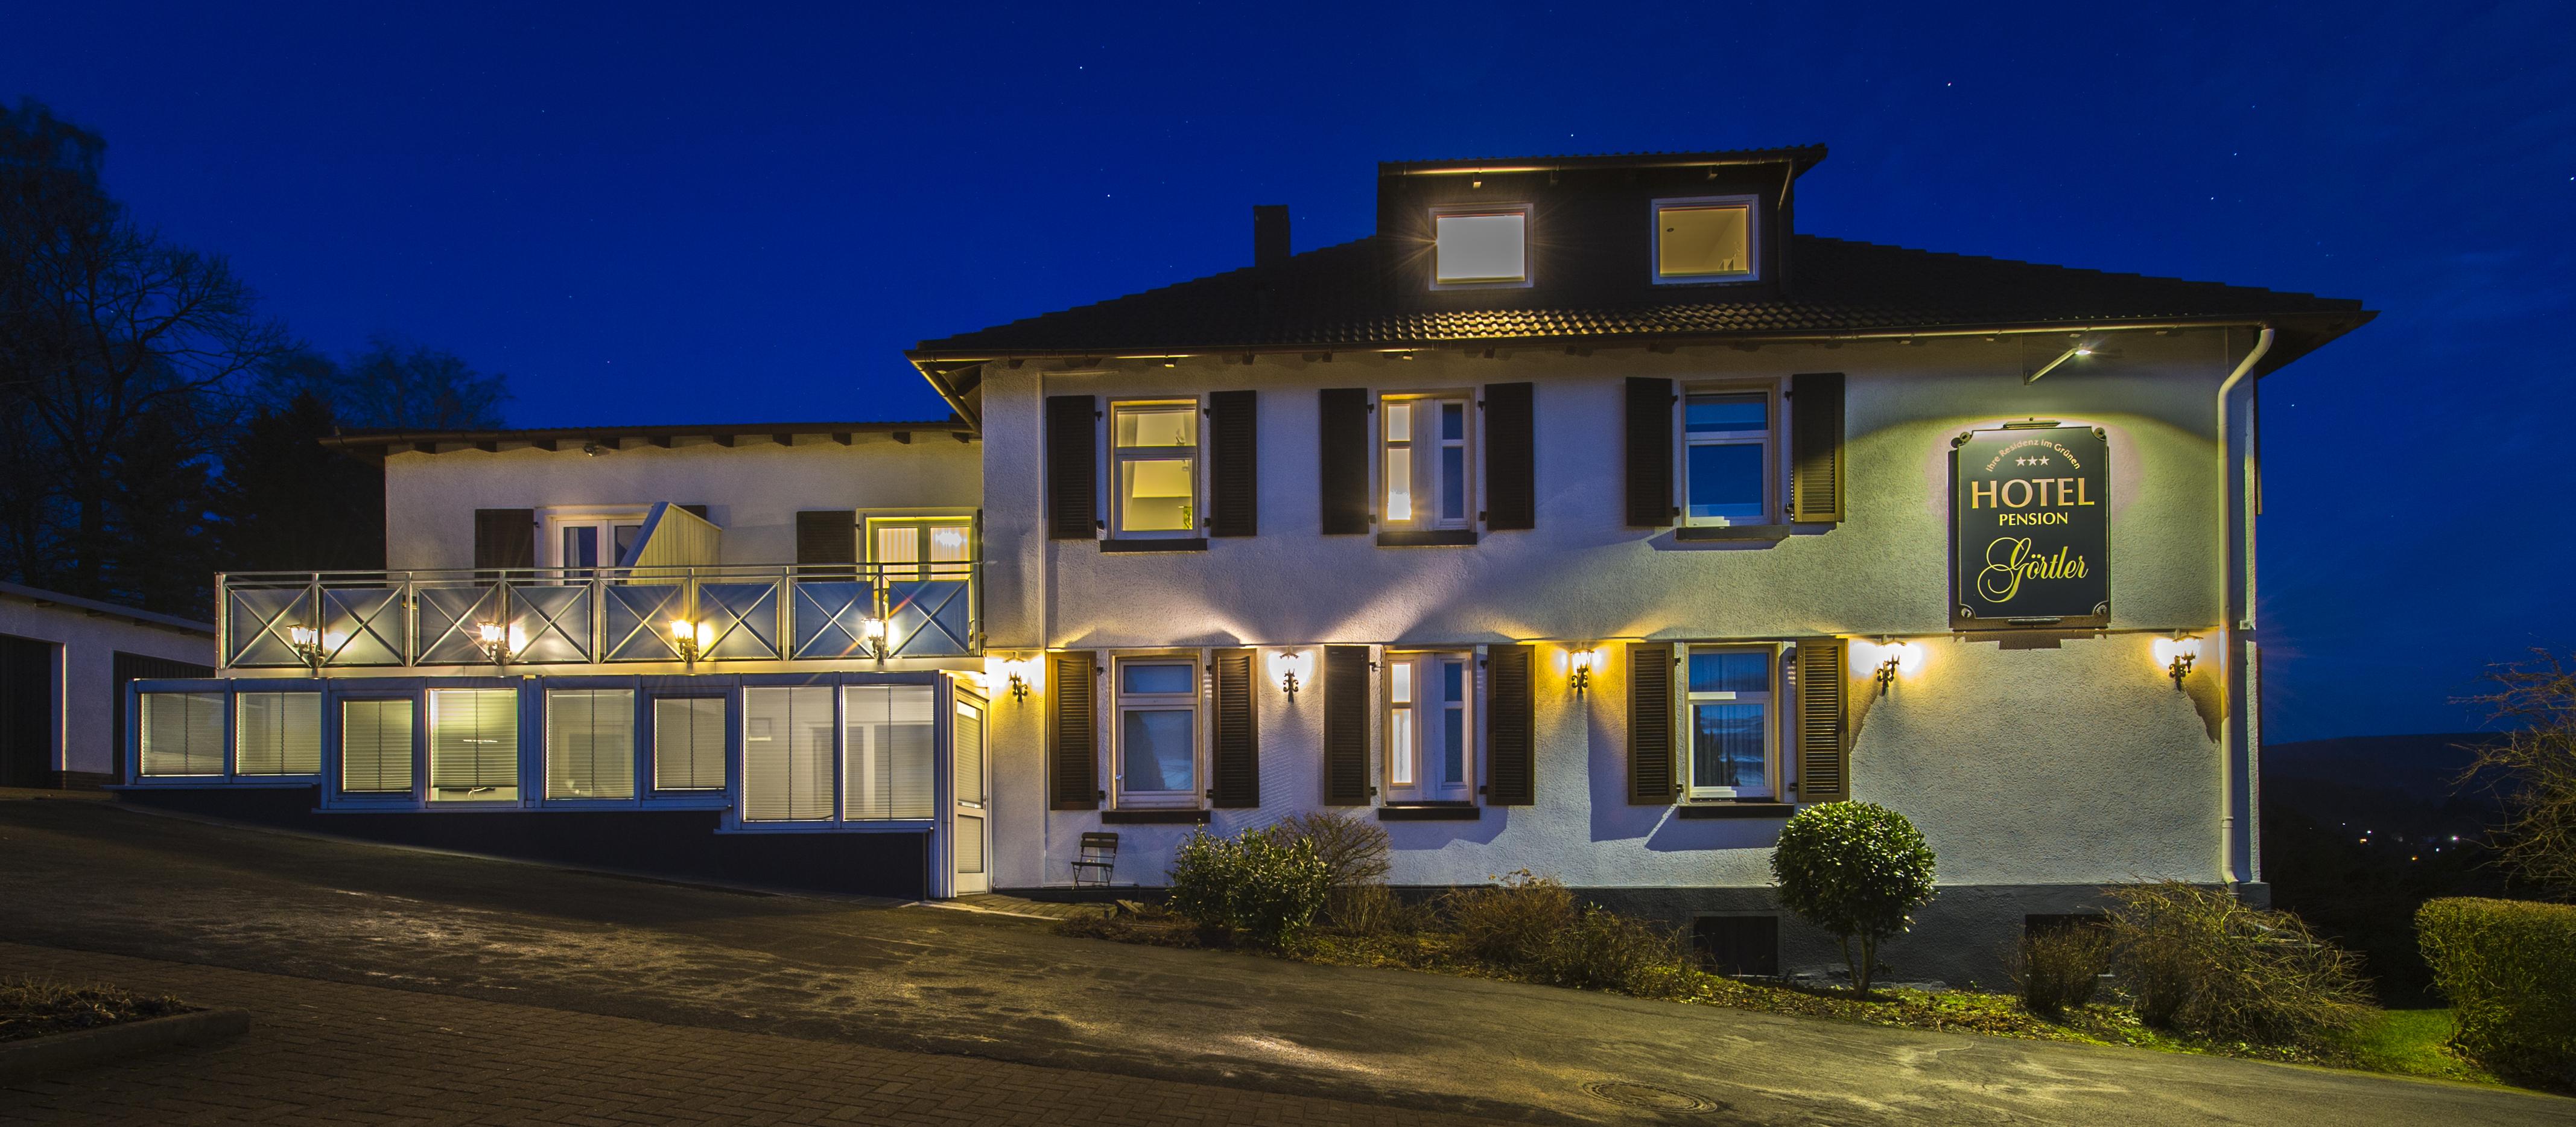 Hotel Görtler in Seesen - Außenansicht bei Nacht